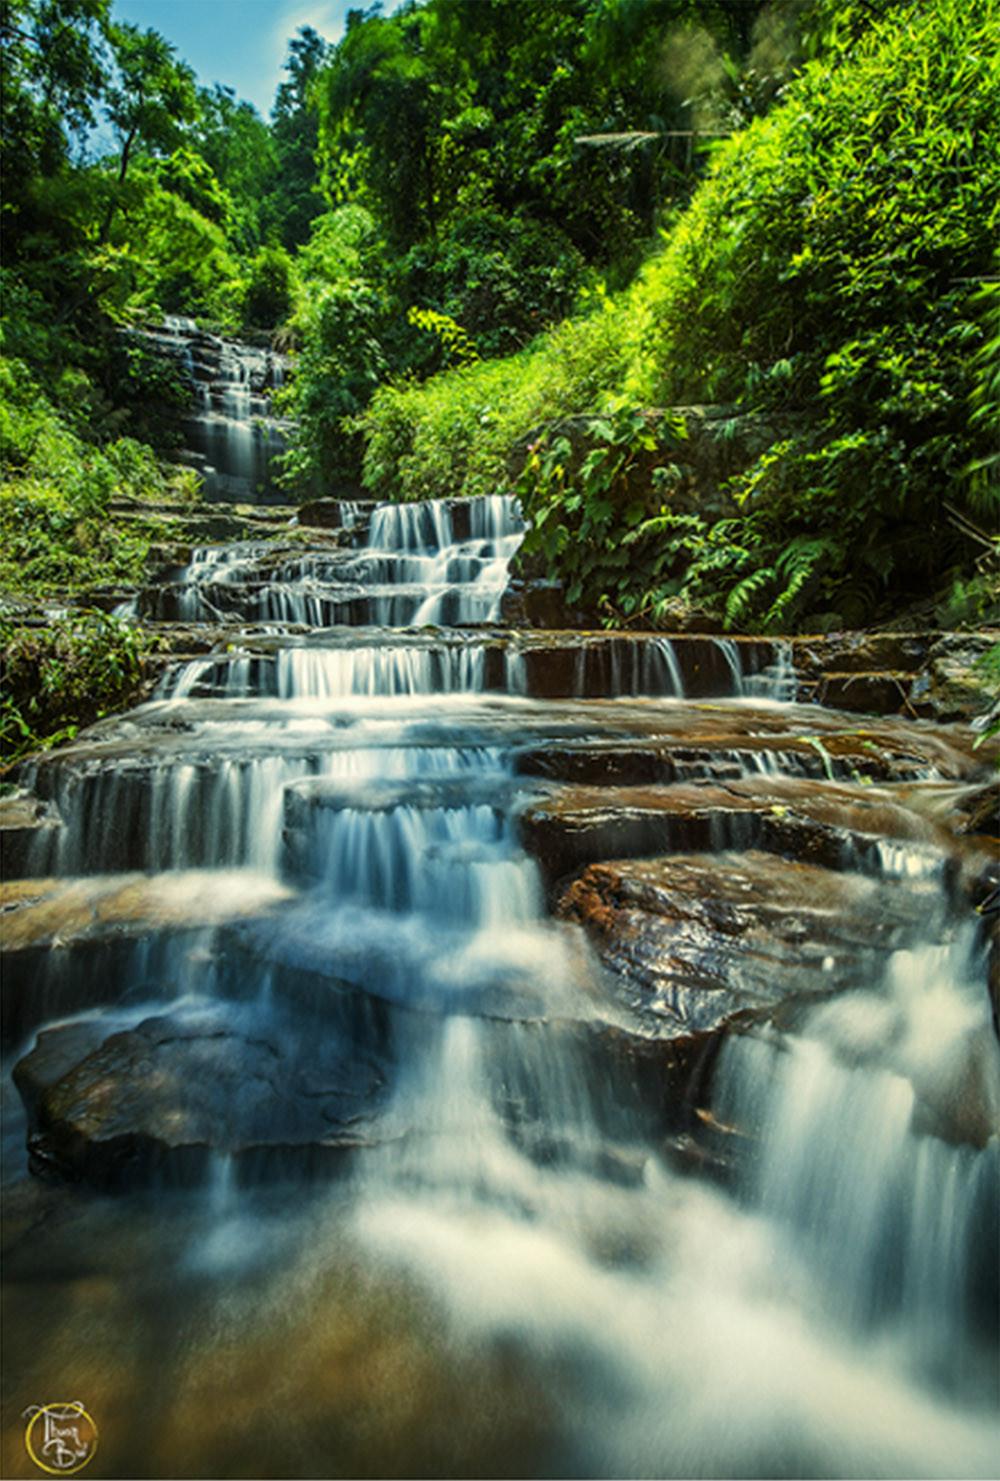 Bí ẩn những dòng thác chảy ra từ